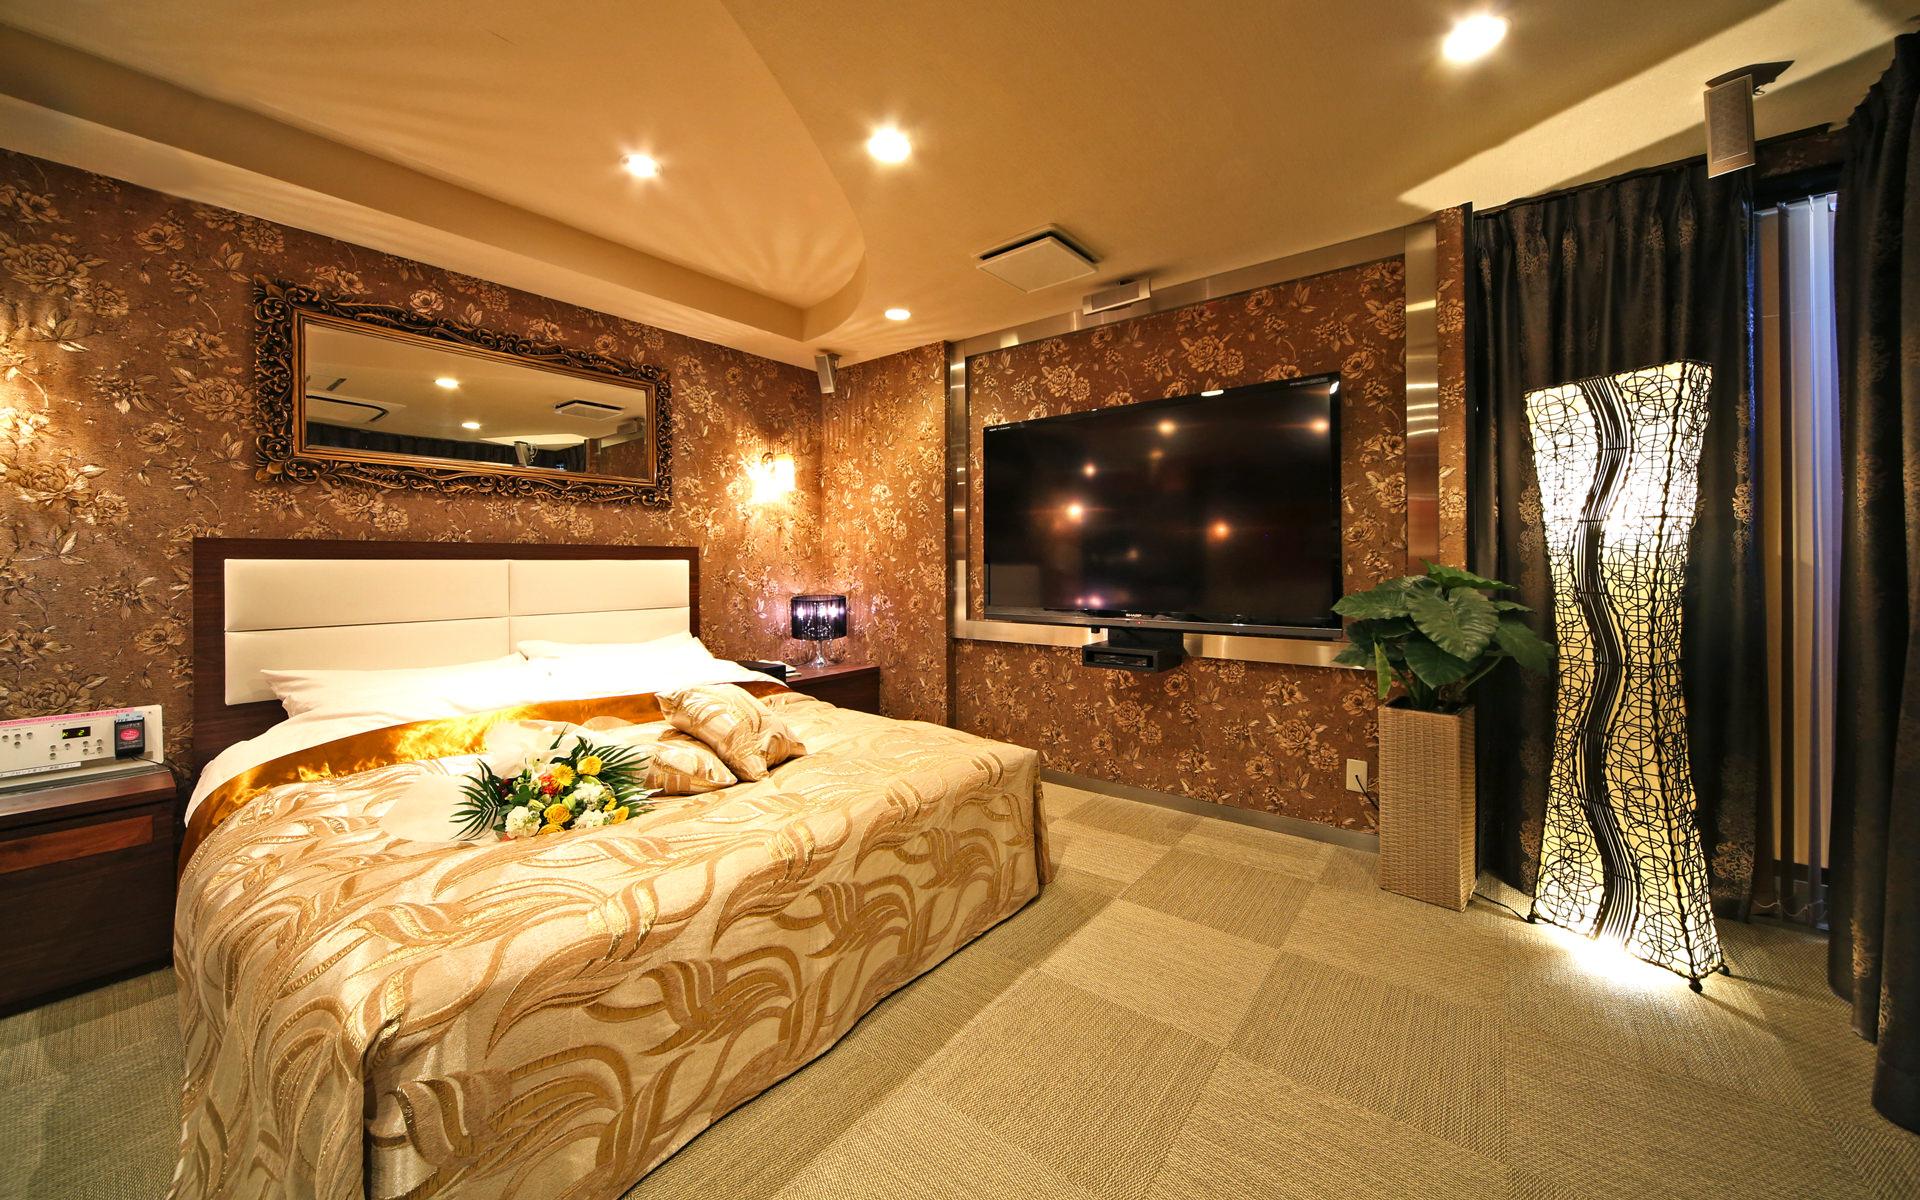 HOTEL Fairy横浜